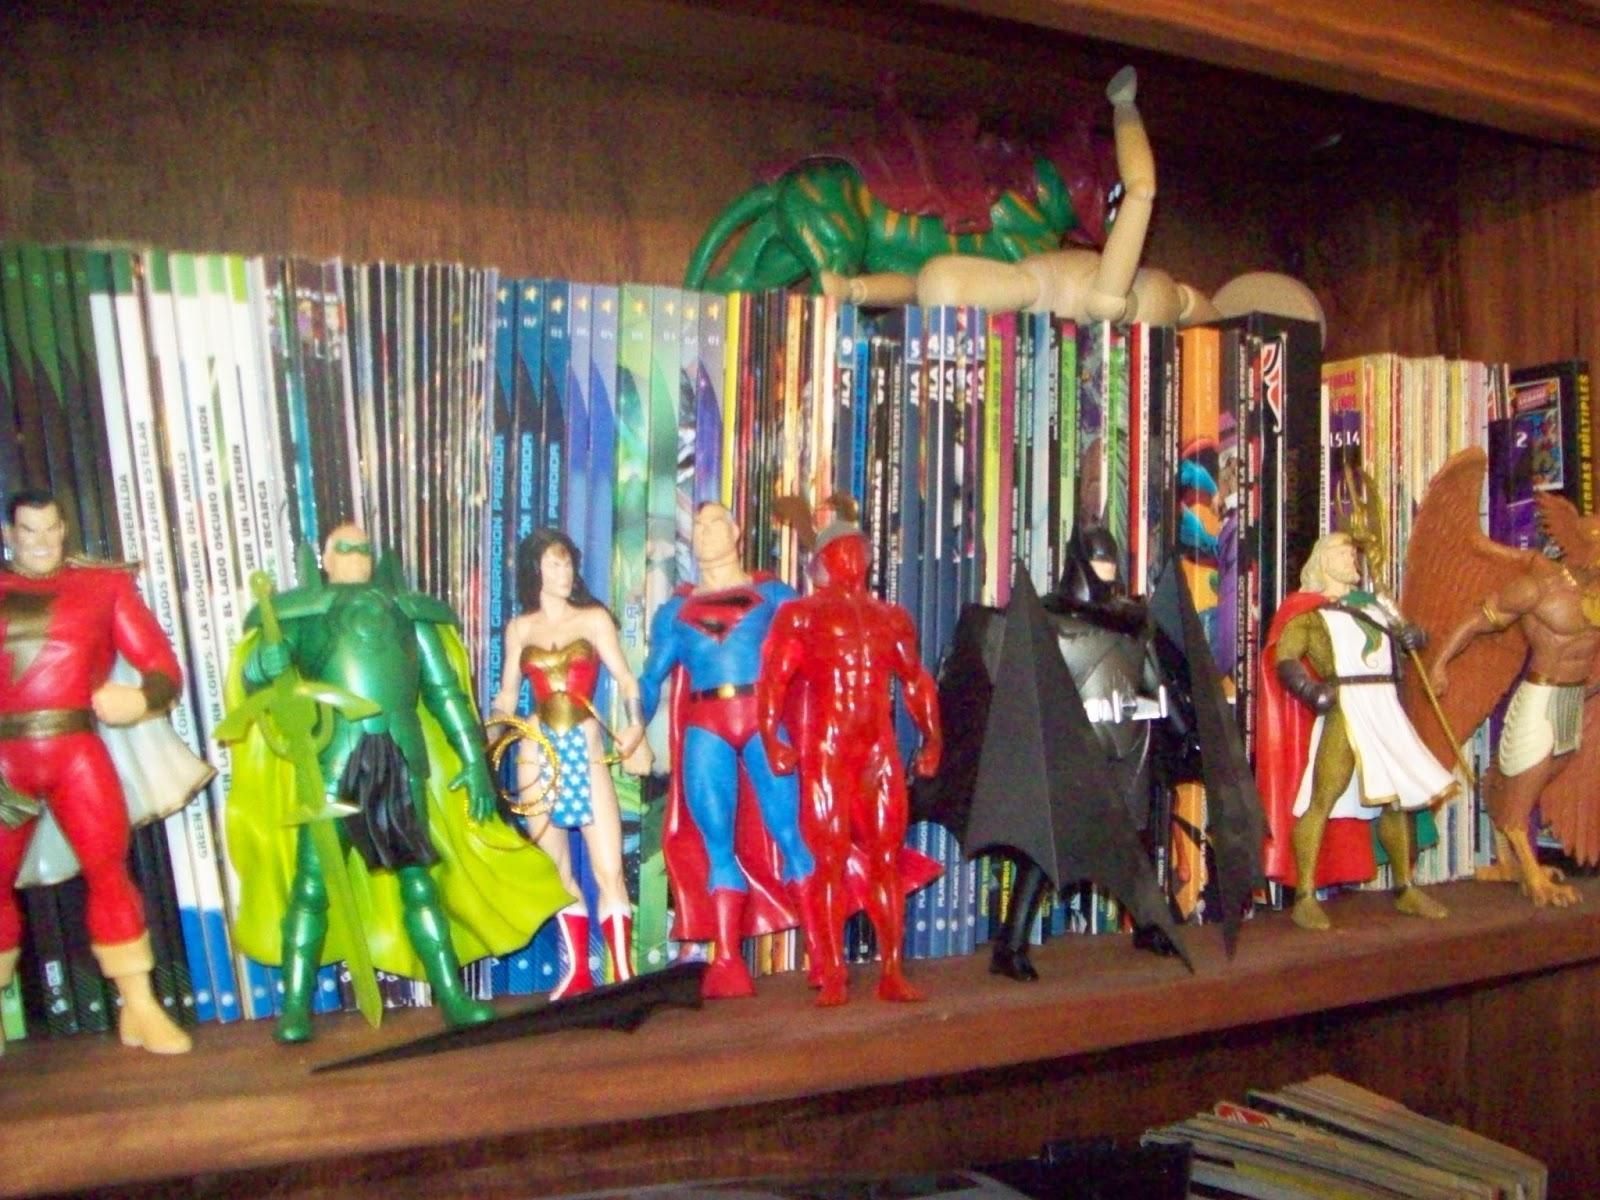 [COMICS] Colecciones de Comics ¿Quién la tiene más grande?  - Página 6 100_5554